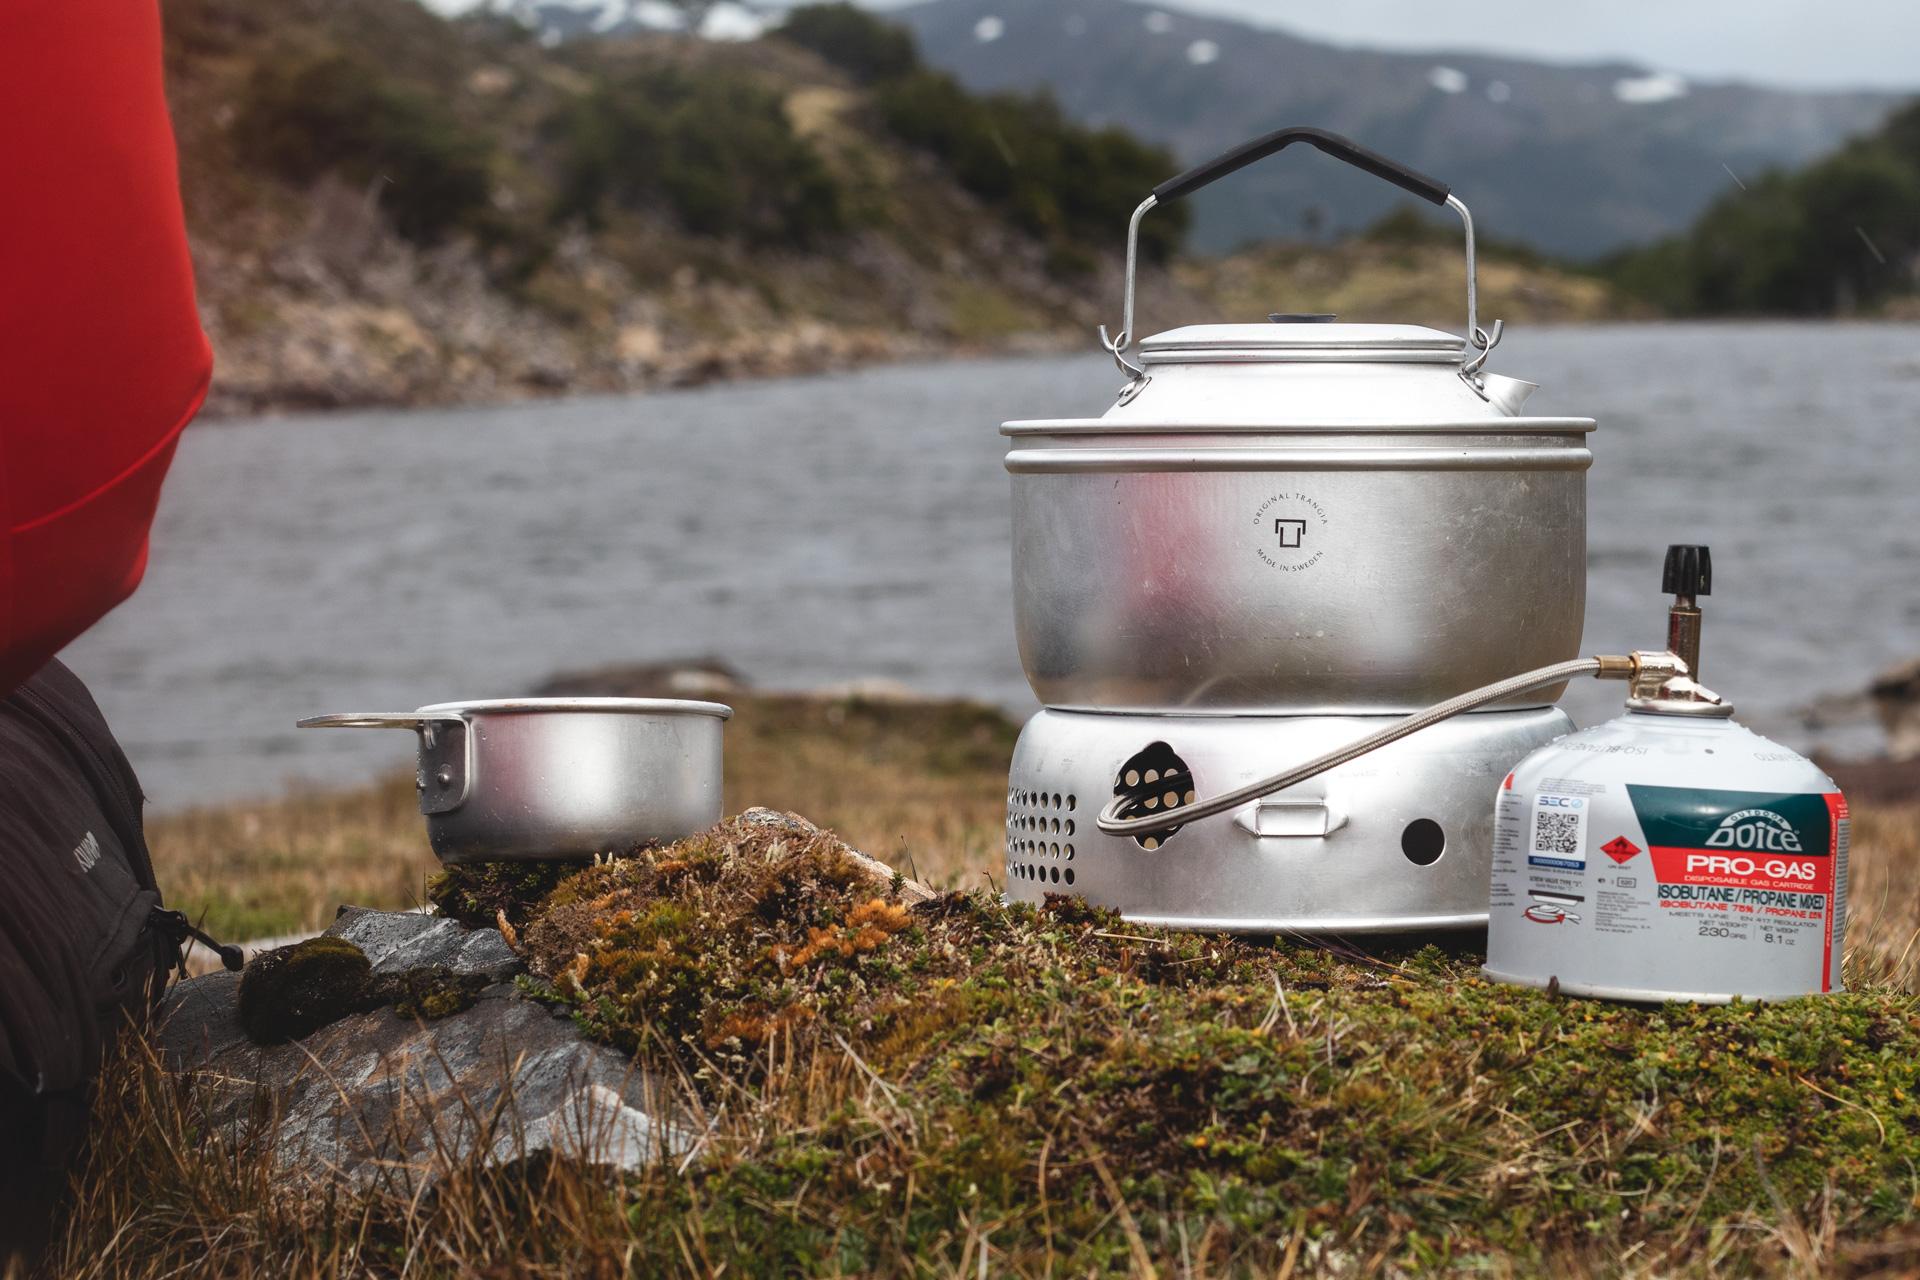 Trangia Cooking Set 25-4 UL